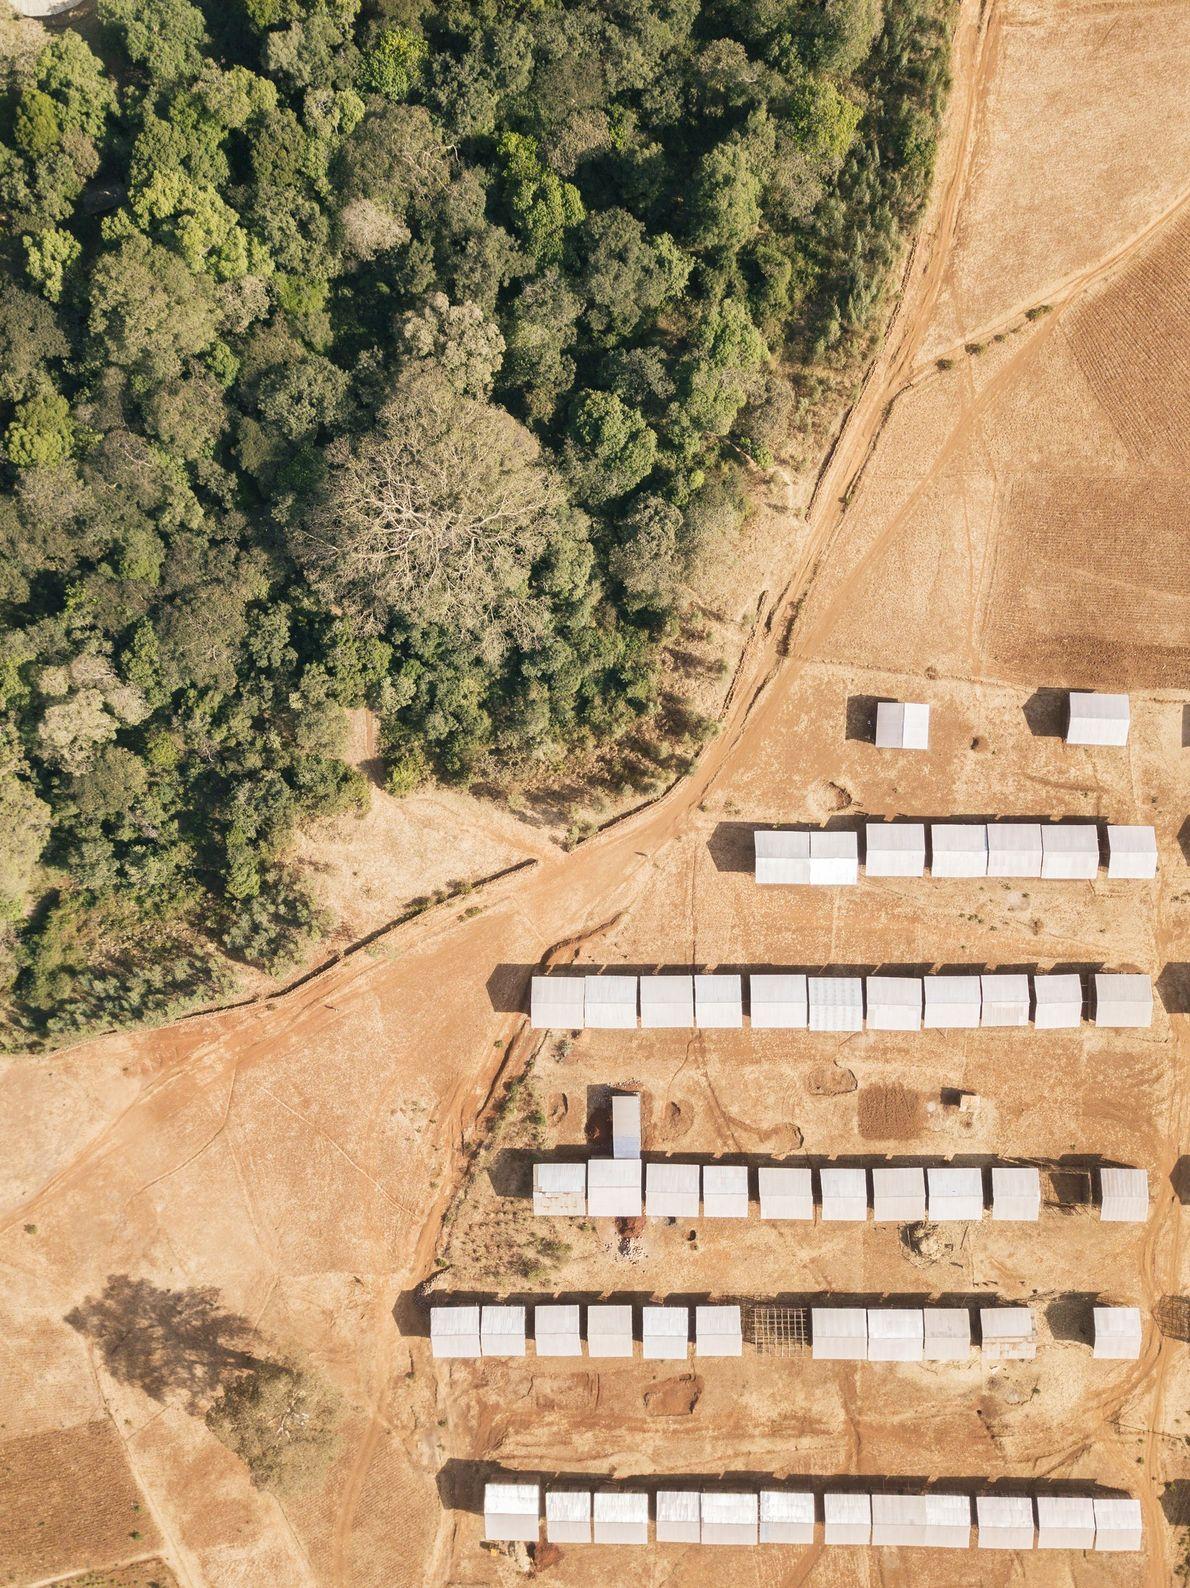 Nuevas viviendas construidas por el gobierno chocan contra los límites del bosque eclesiástico en la iglesia ...